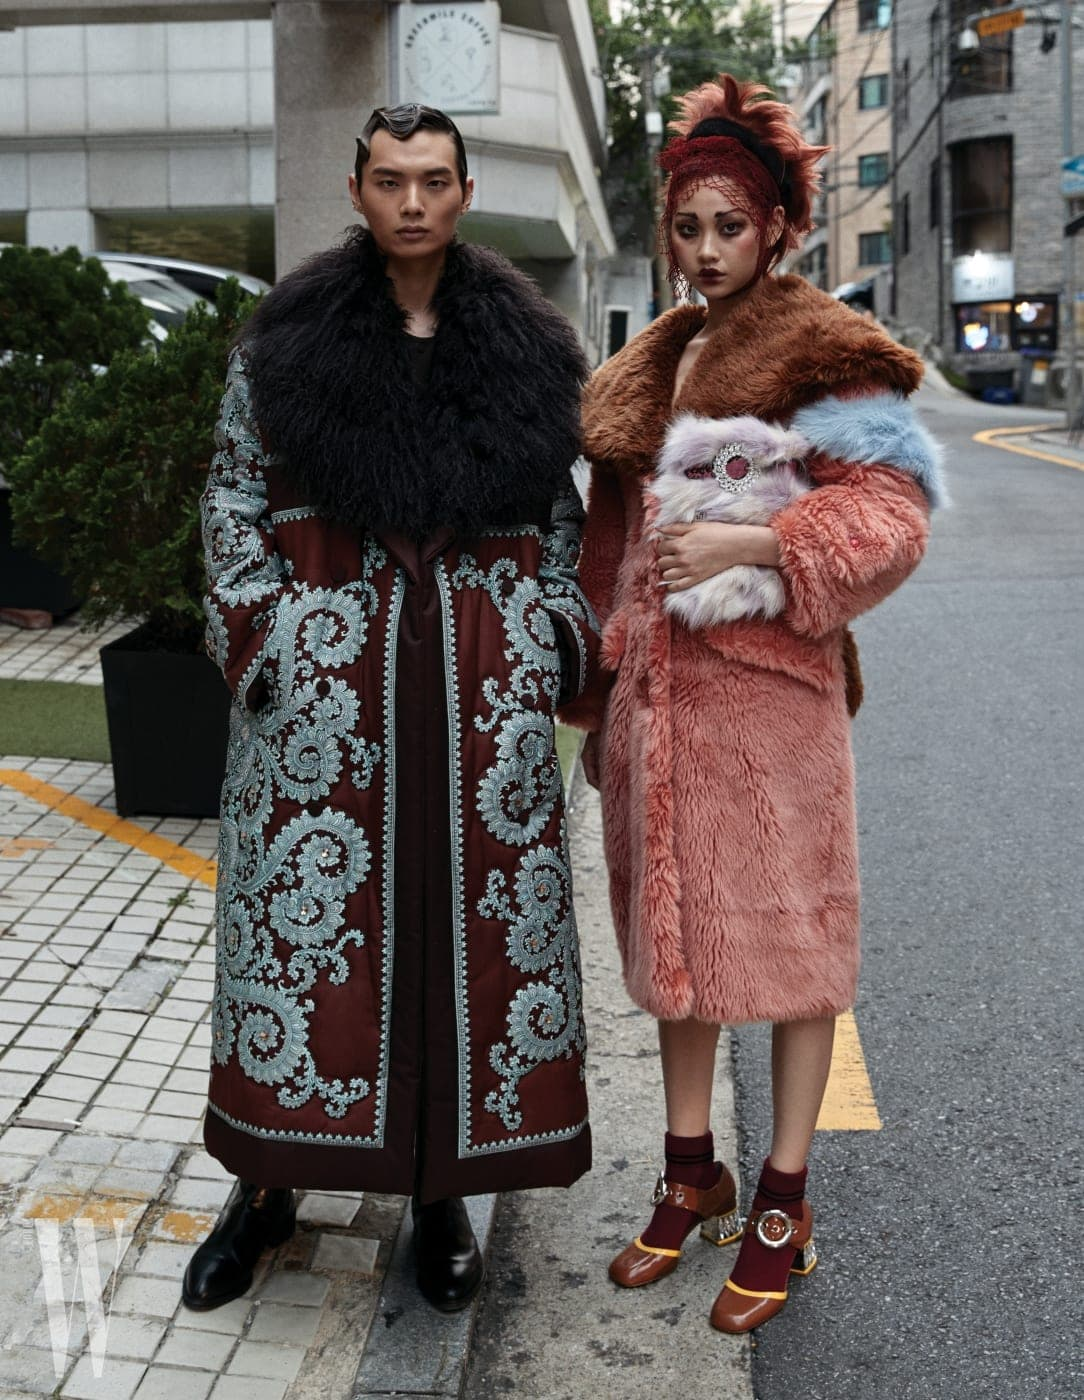 송준호가 입은 귀족적인 퍼 칼라 장식 코트, 셔츠, 팬츠, 첼시 부츠는 모두 Kimseoryong Homme 제품. 정호연이 입은 에코 퍼 코트, 가방, 양말, 버클 장식 슈즈는 모두 Miu Miu 제품.